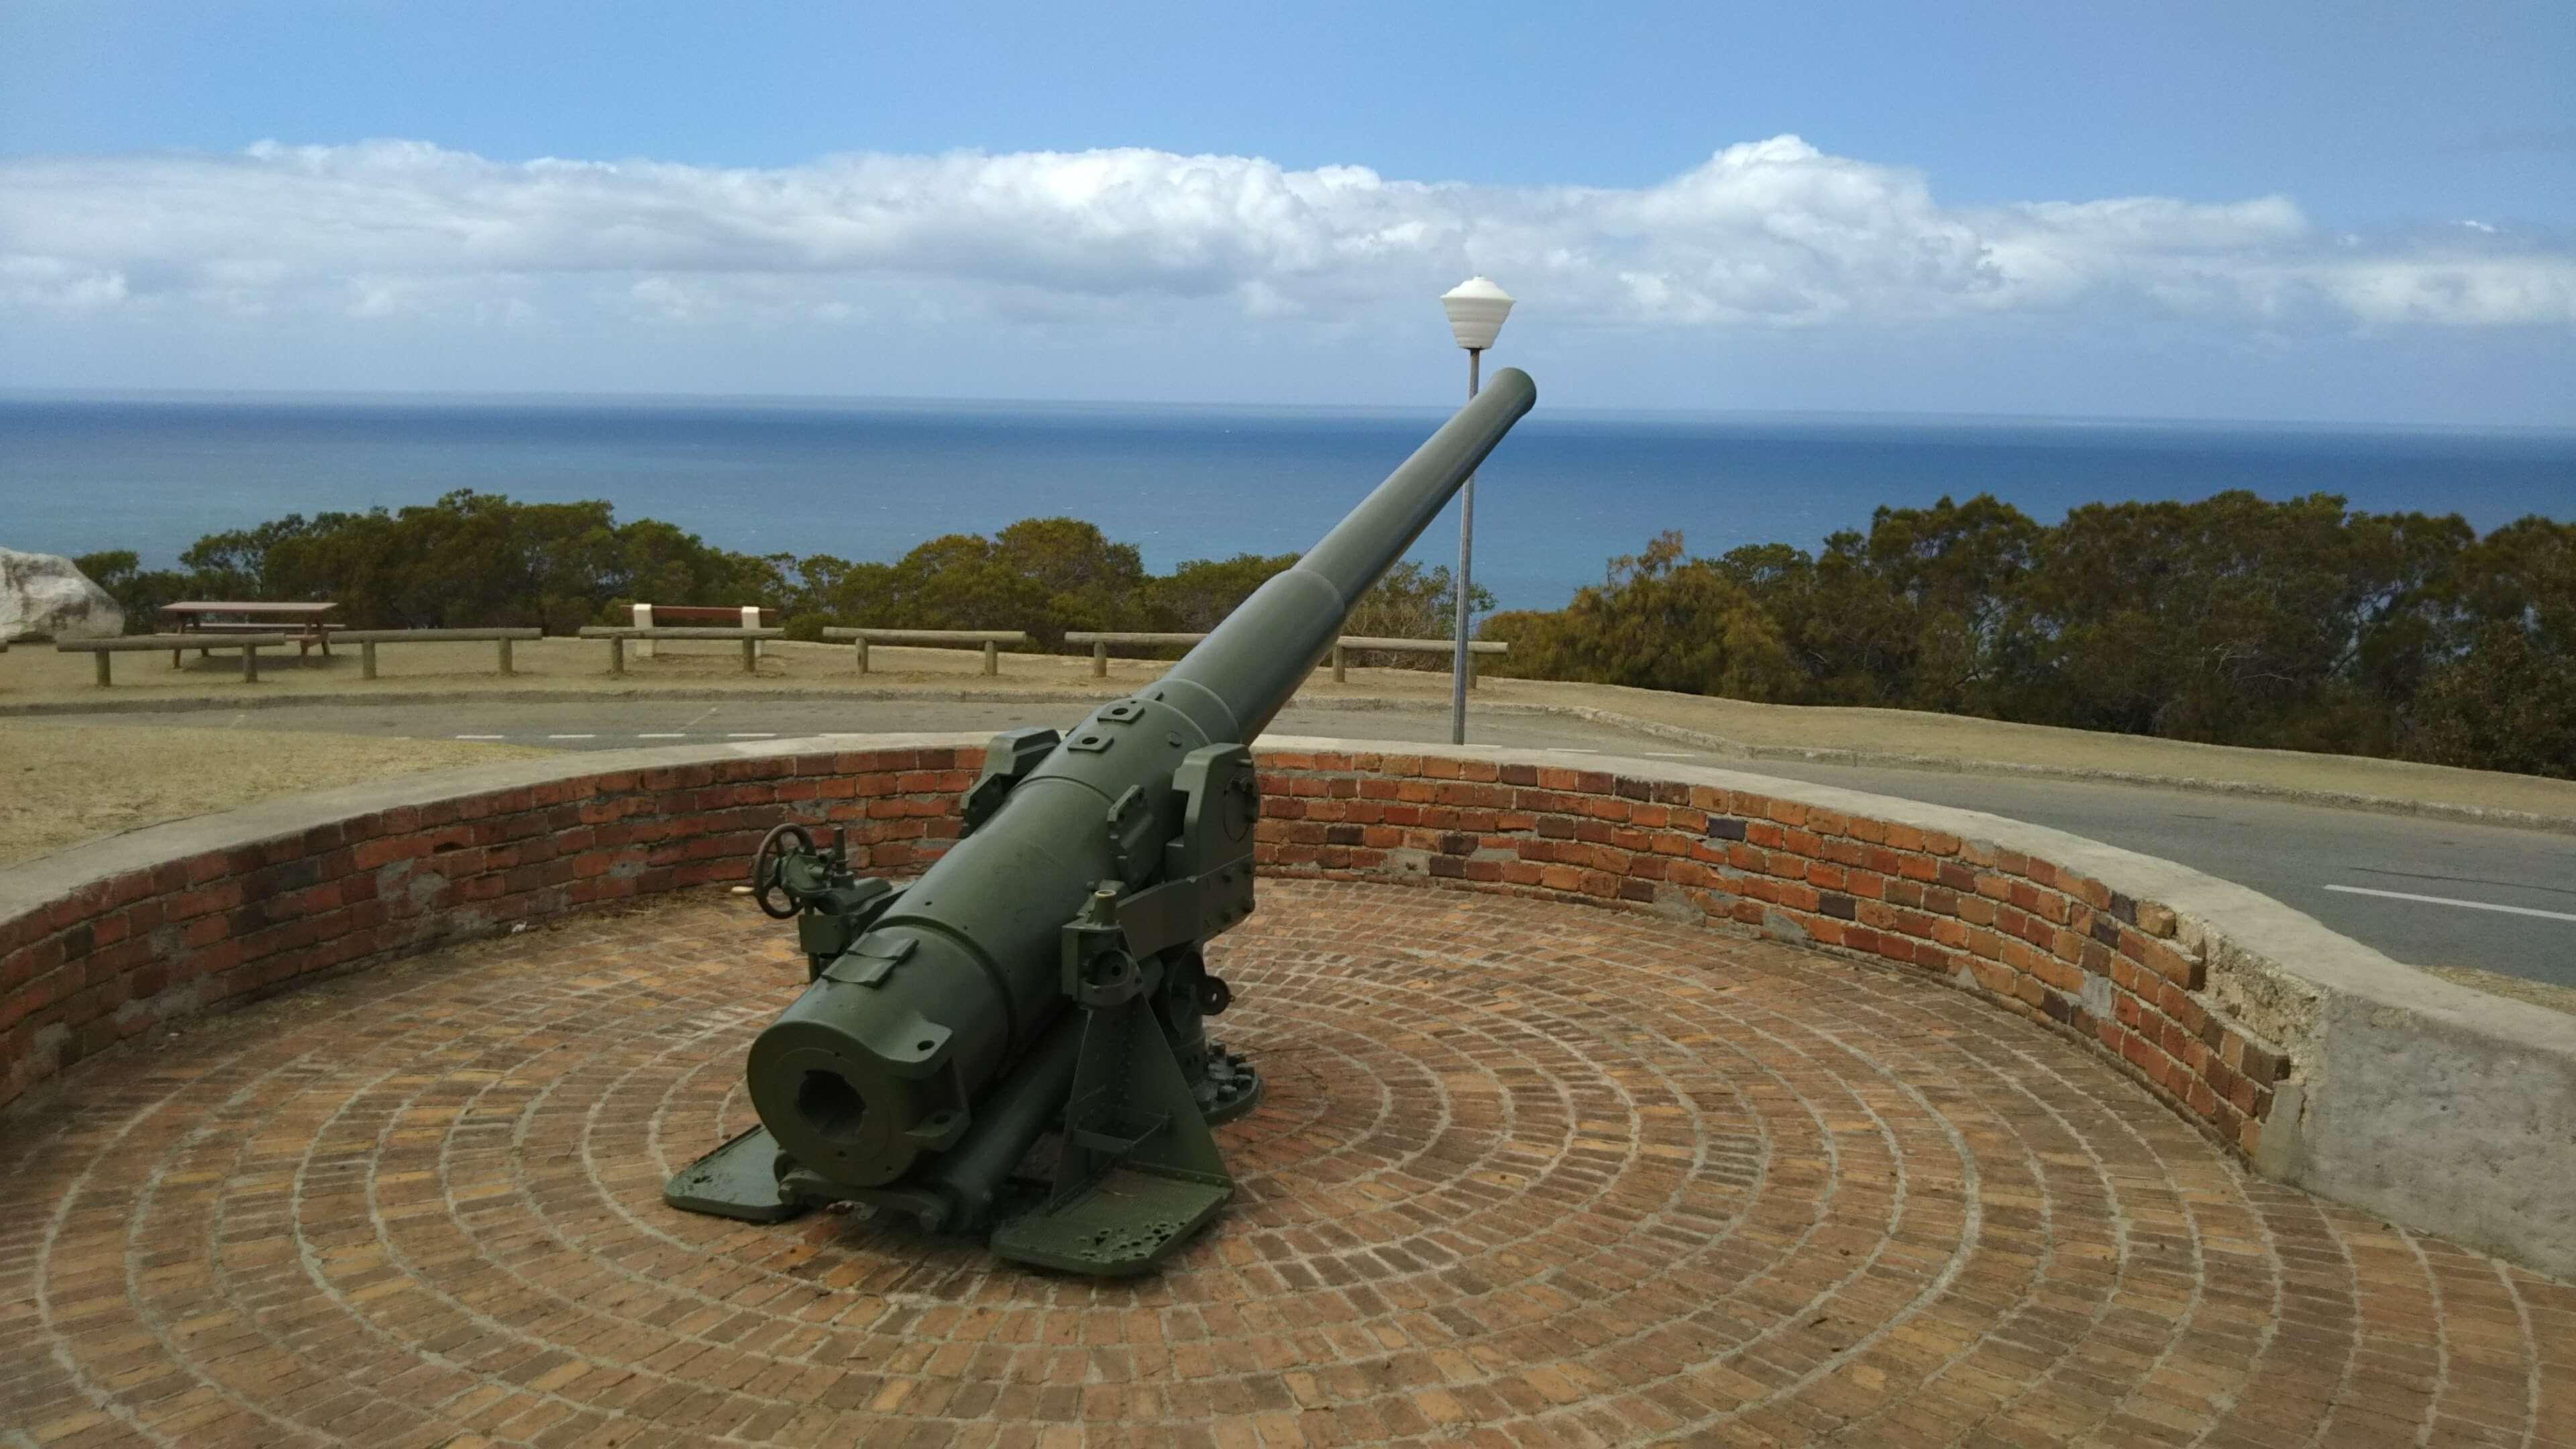 ウアントロの丘にある大砲・確か一度も使われることがなかったとか